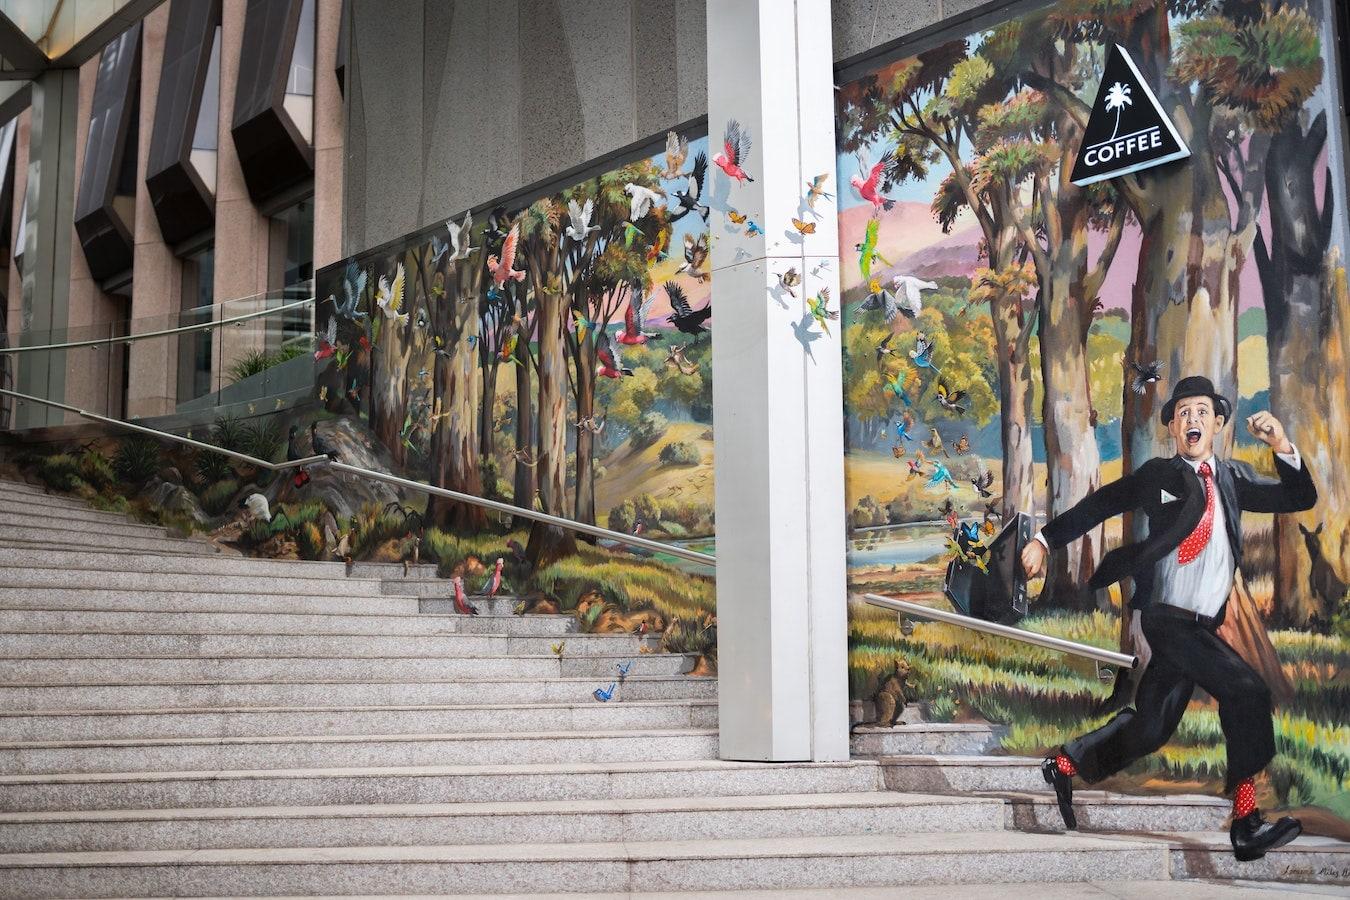 einsamer Ort mit Treppen und Graffiti, Zeichnungen auf der Wand